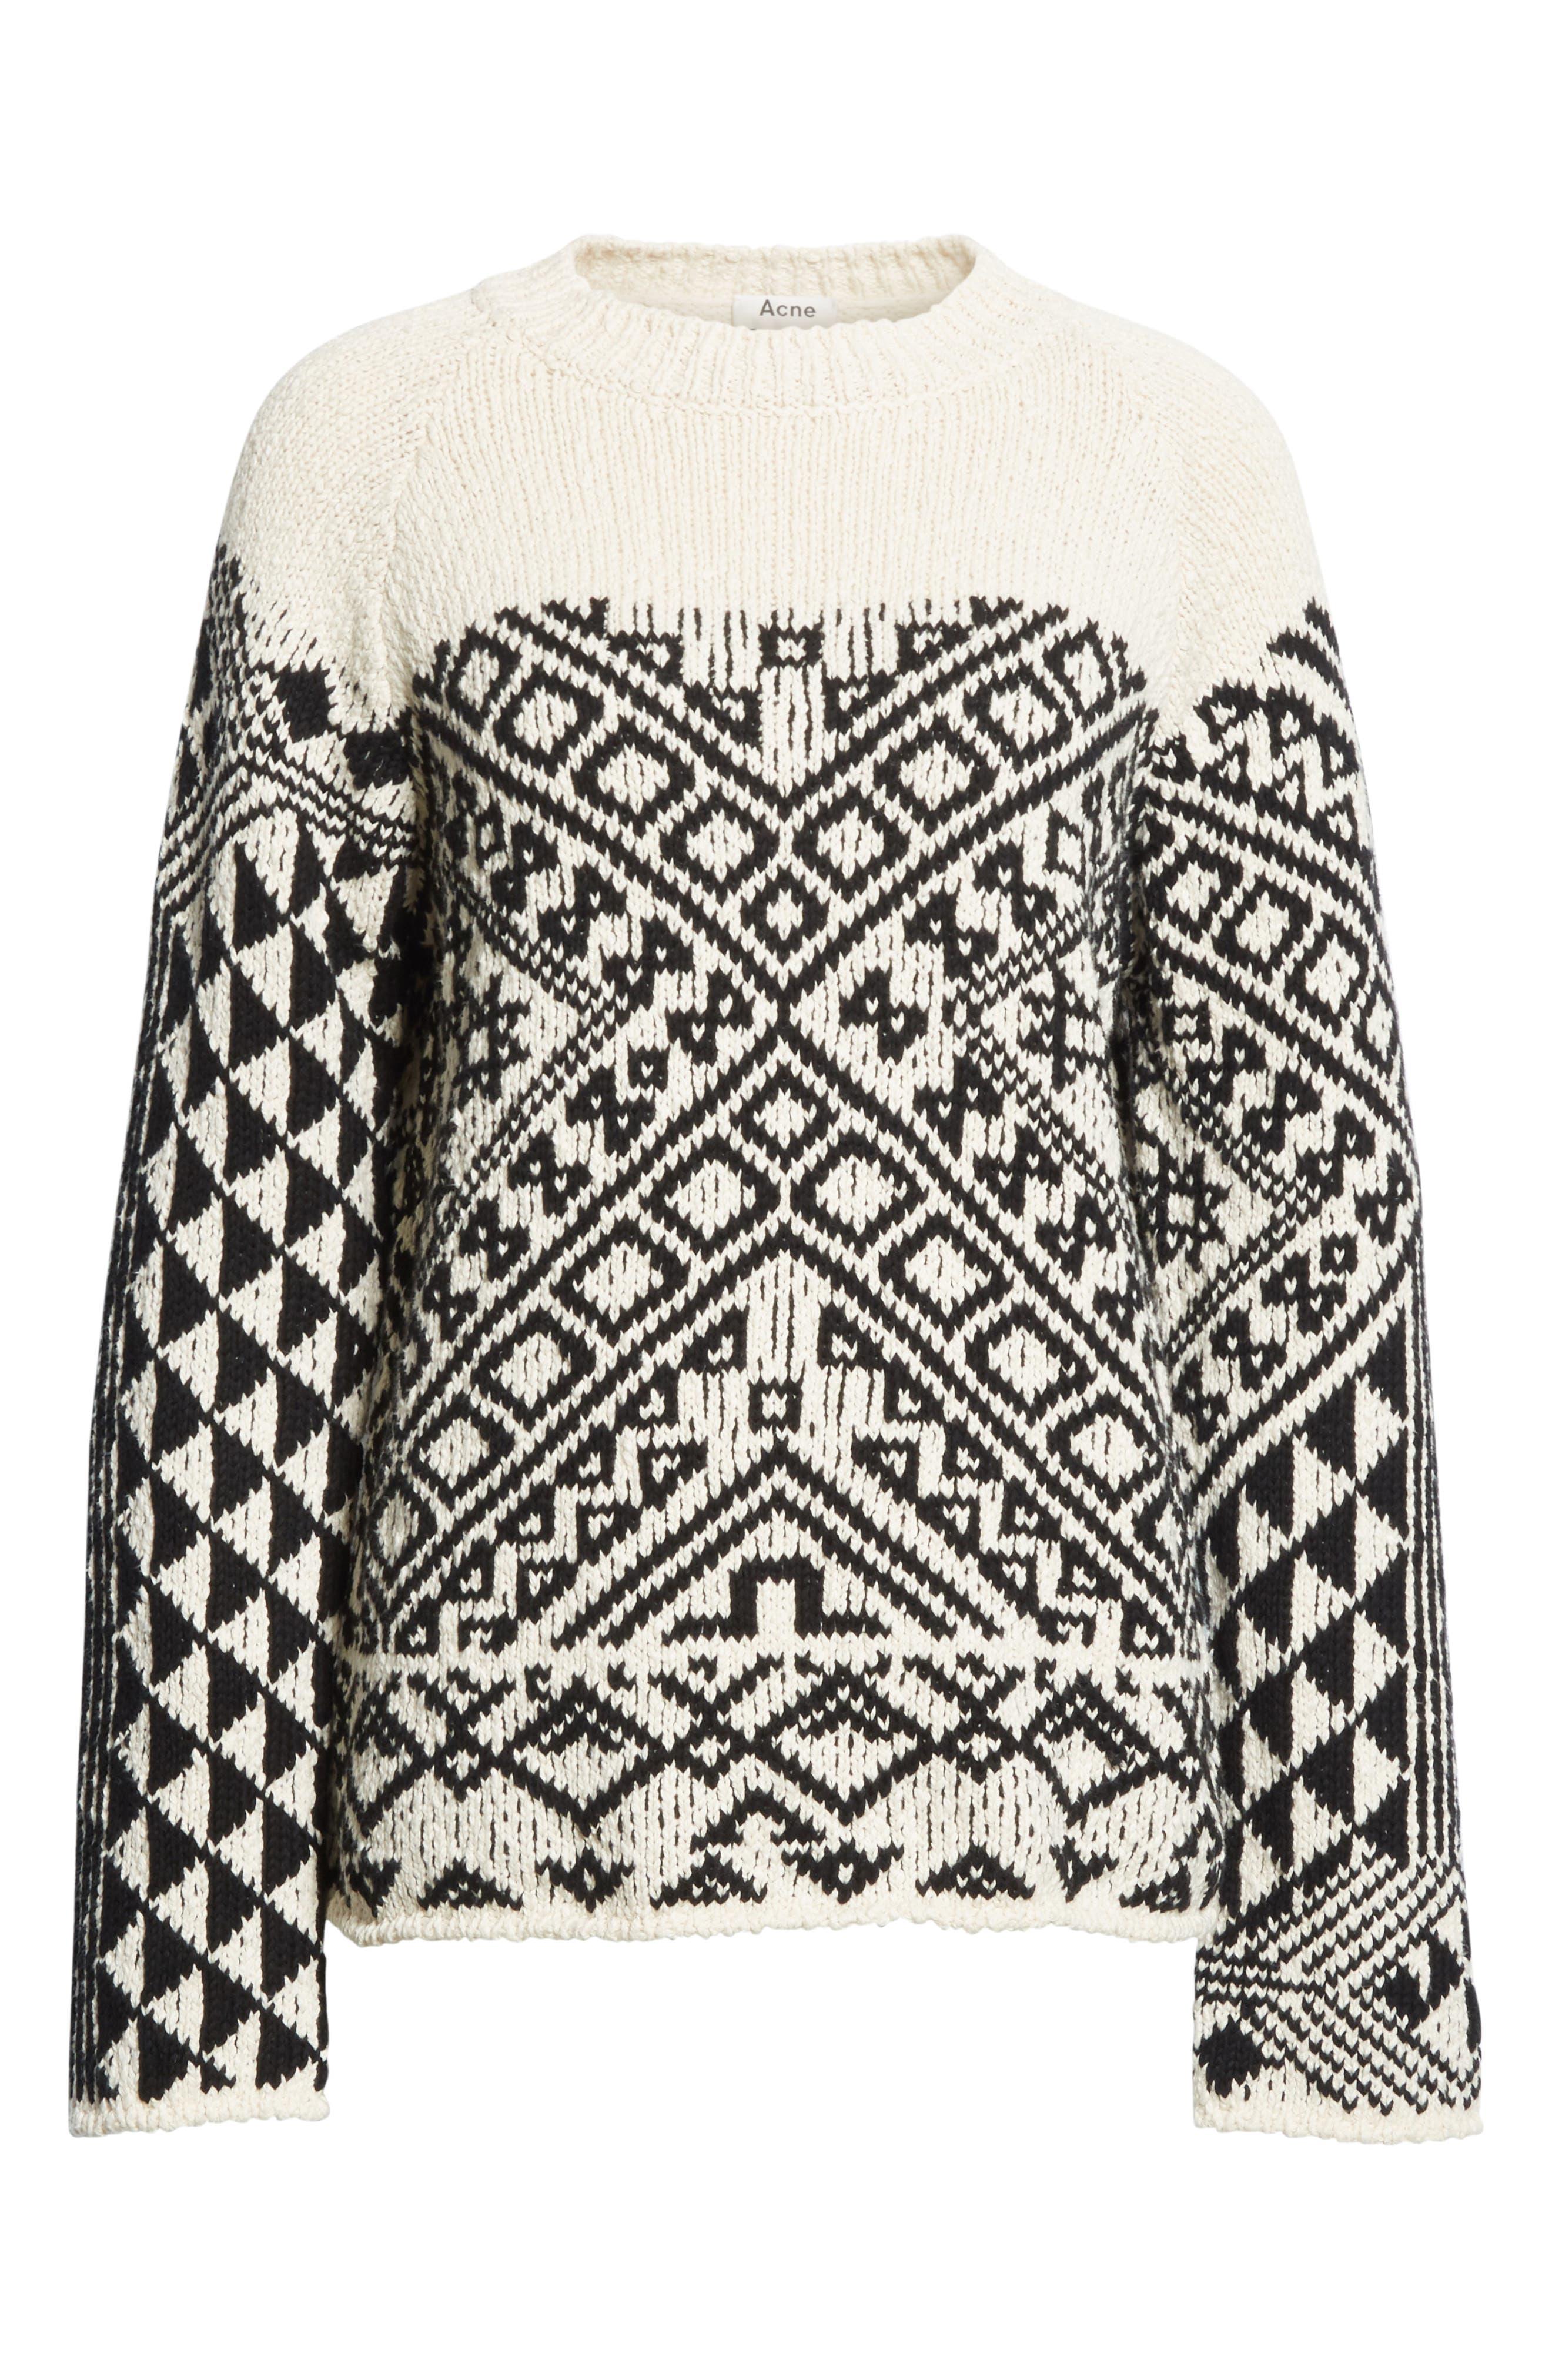 Rhia Jacquard Sweater,                             Alternate thumbnail 6, color,                             Off White/ Black